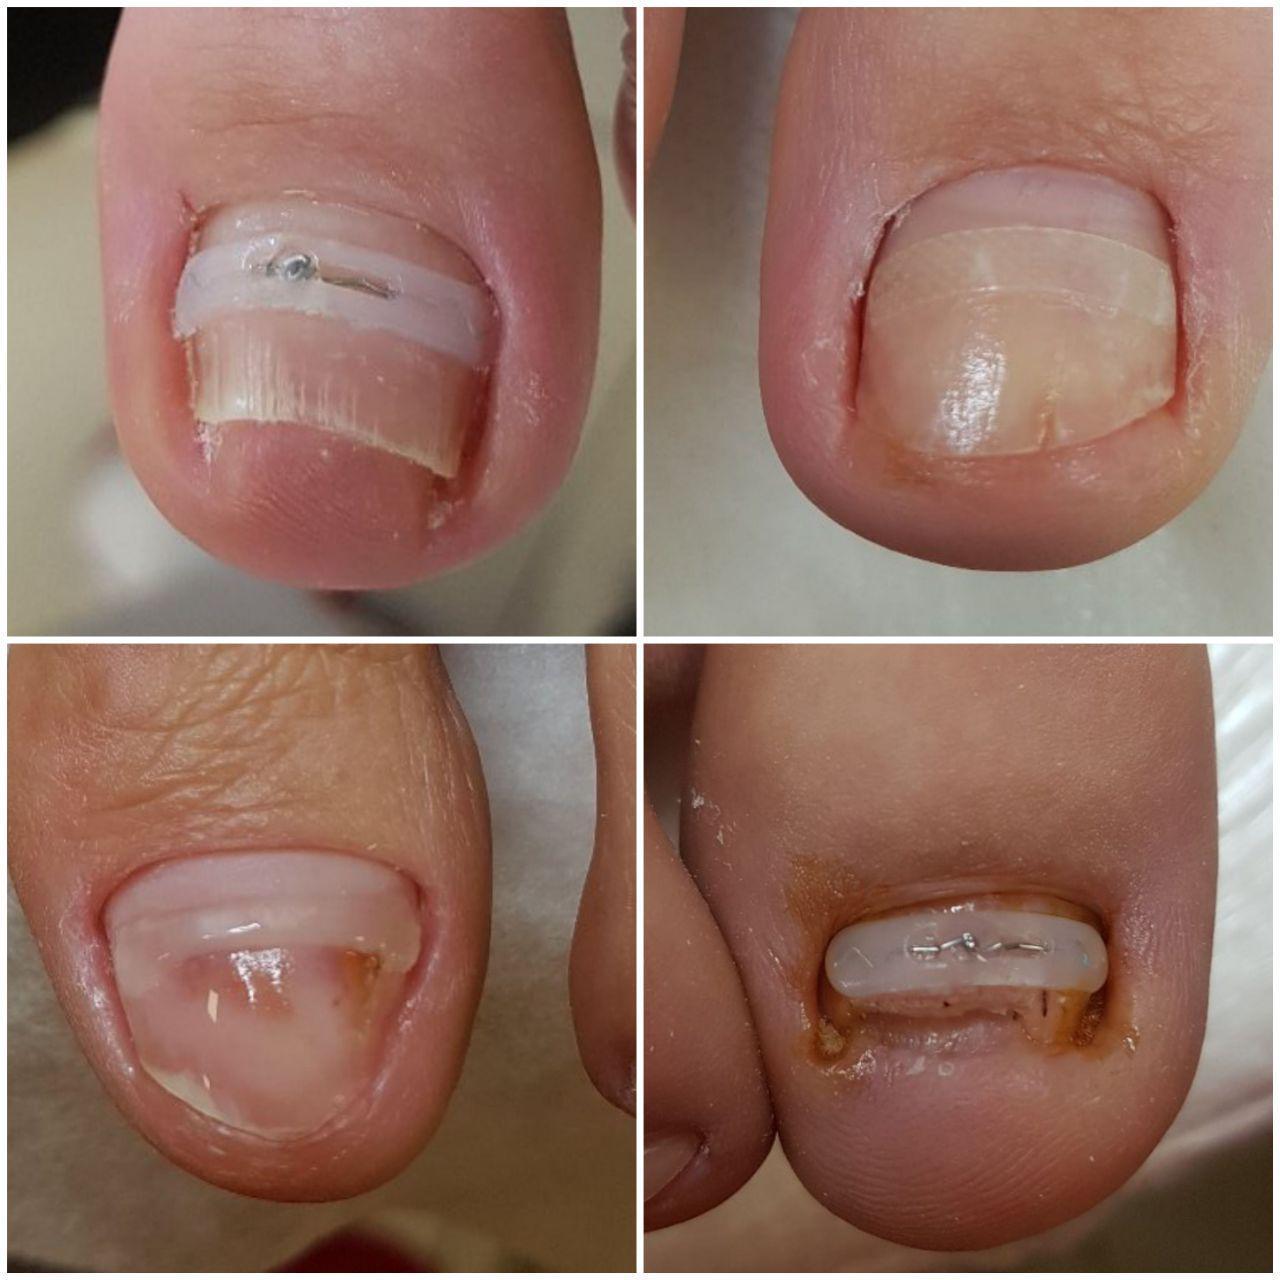 Услуга Ортонексия (Проблема вросшего ногтя), фото до/после